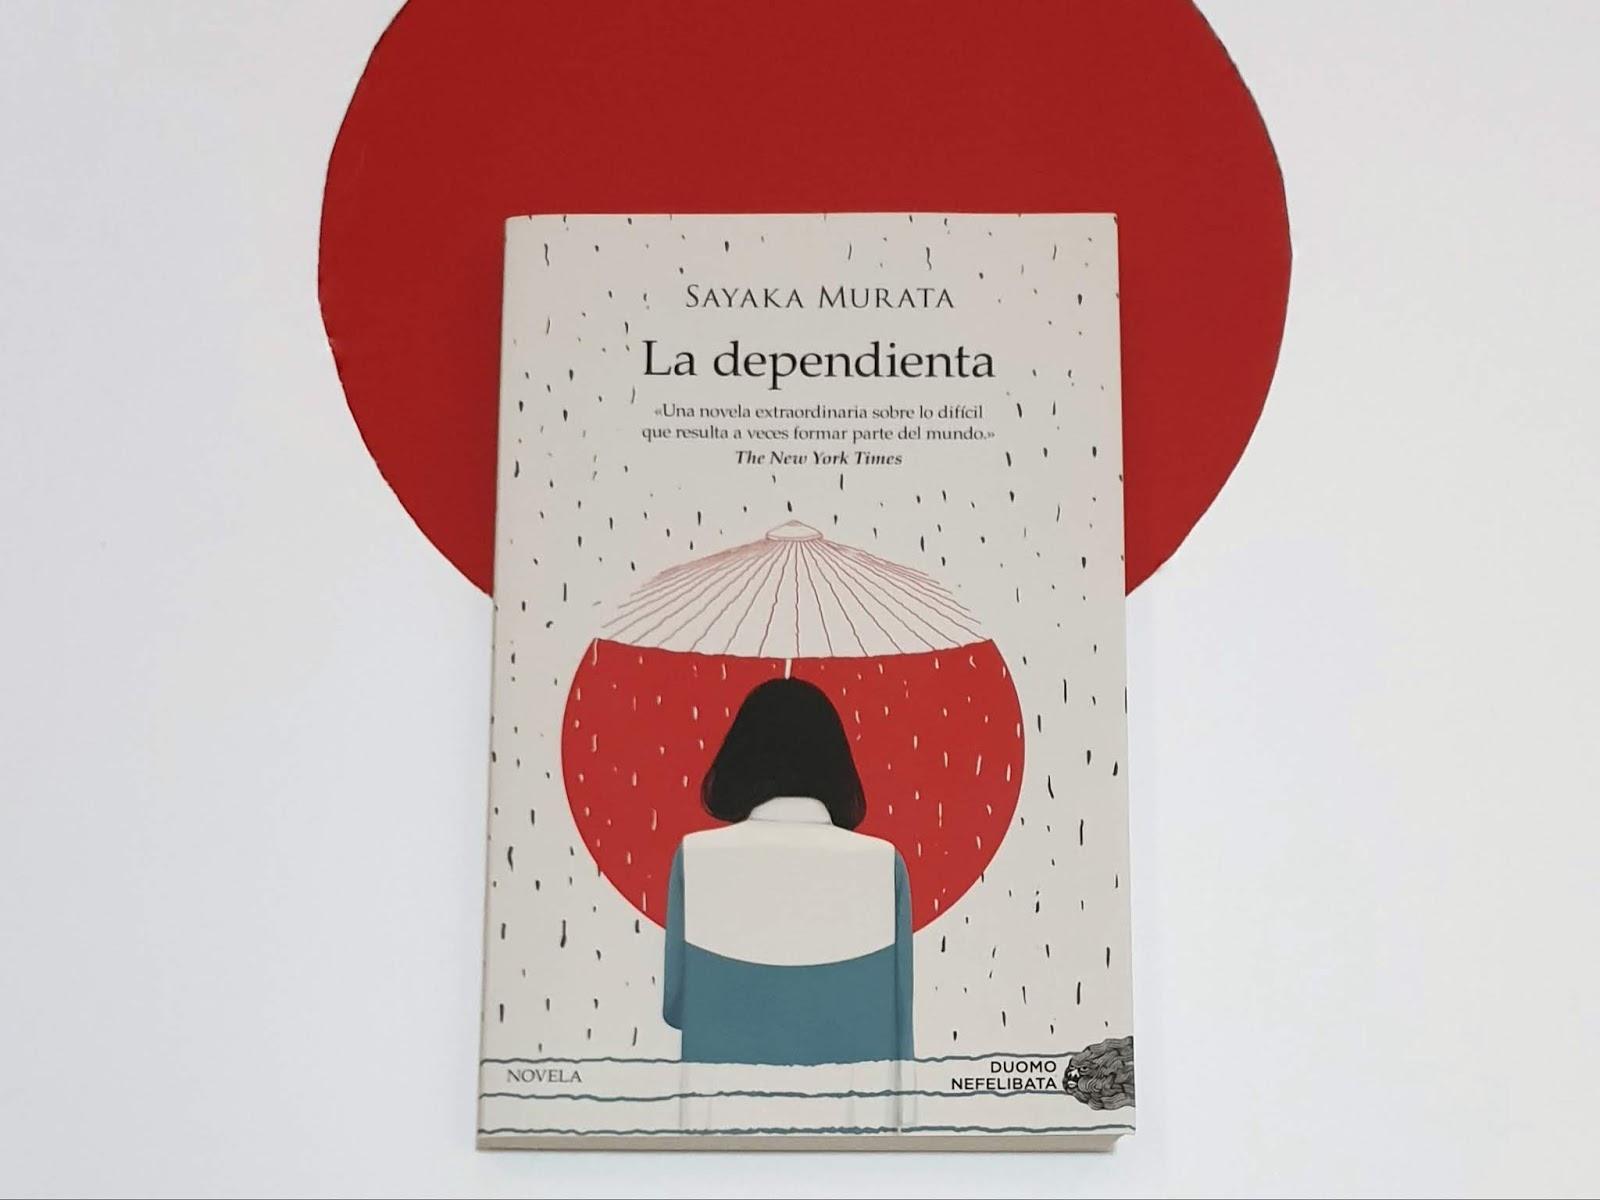 Reseña 'La dependienta' de Sayaka Murata - Edición ilustrada